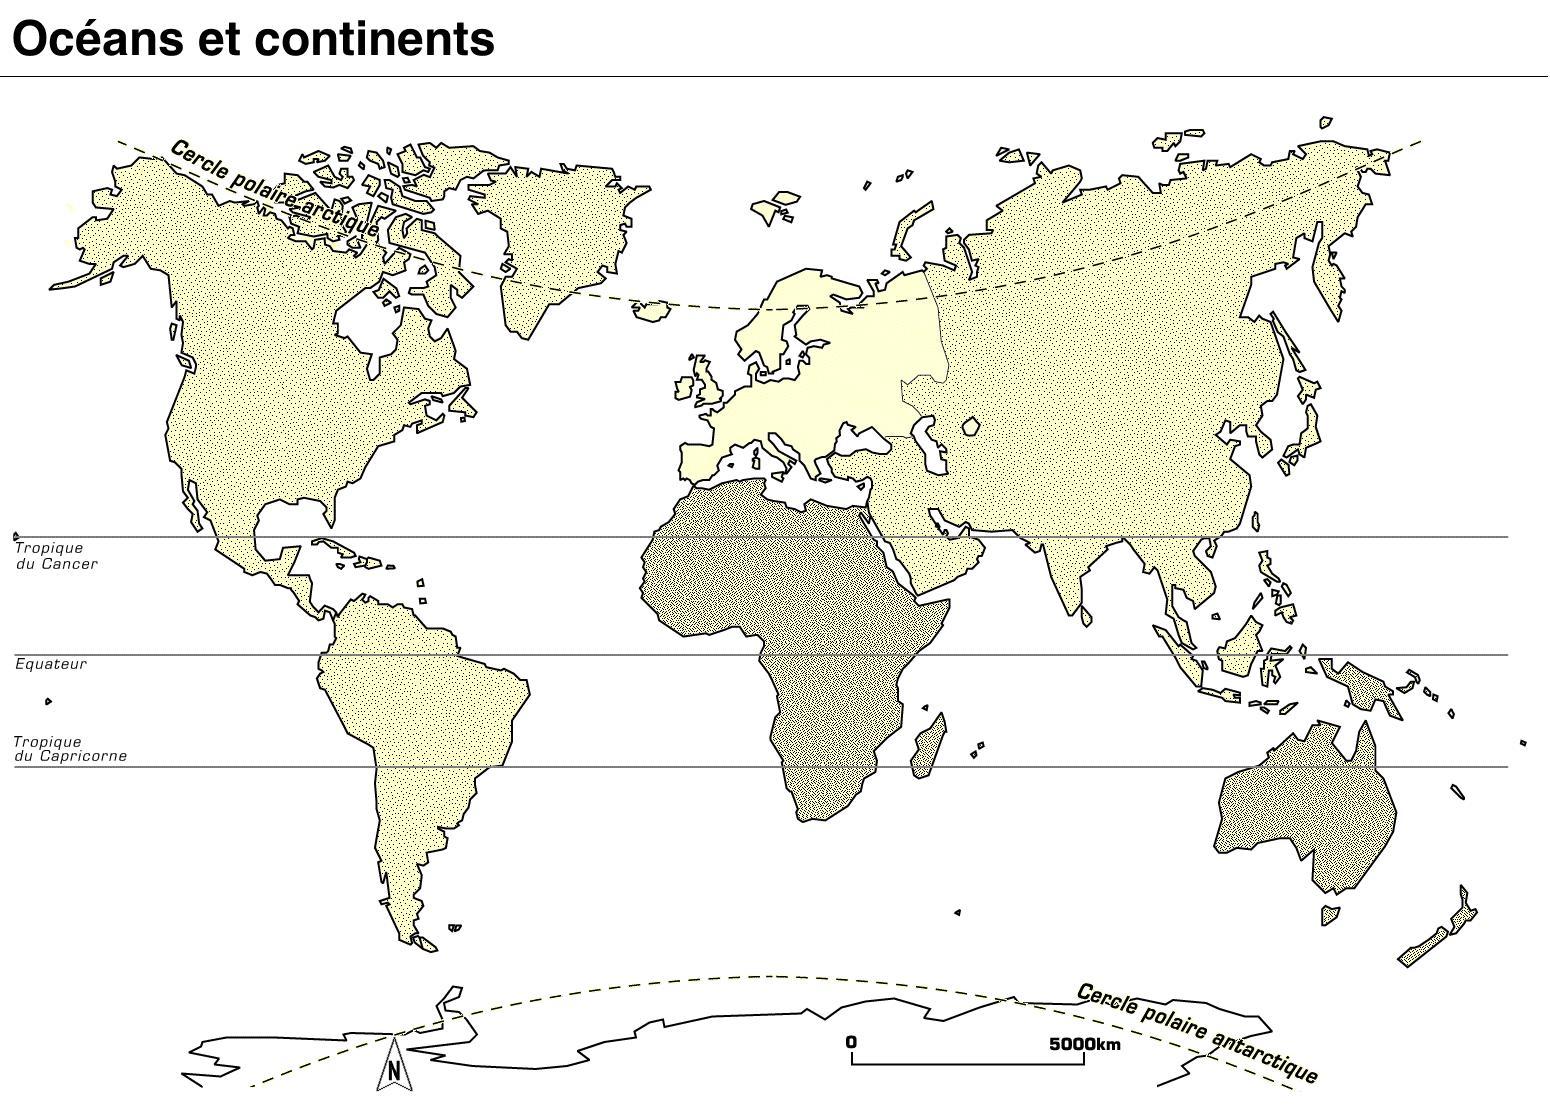 Fabuleux Océans et continents - Les trouvailles de Karinette IB77